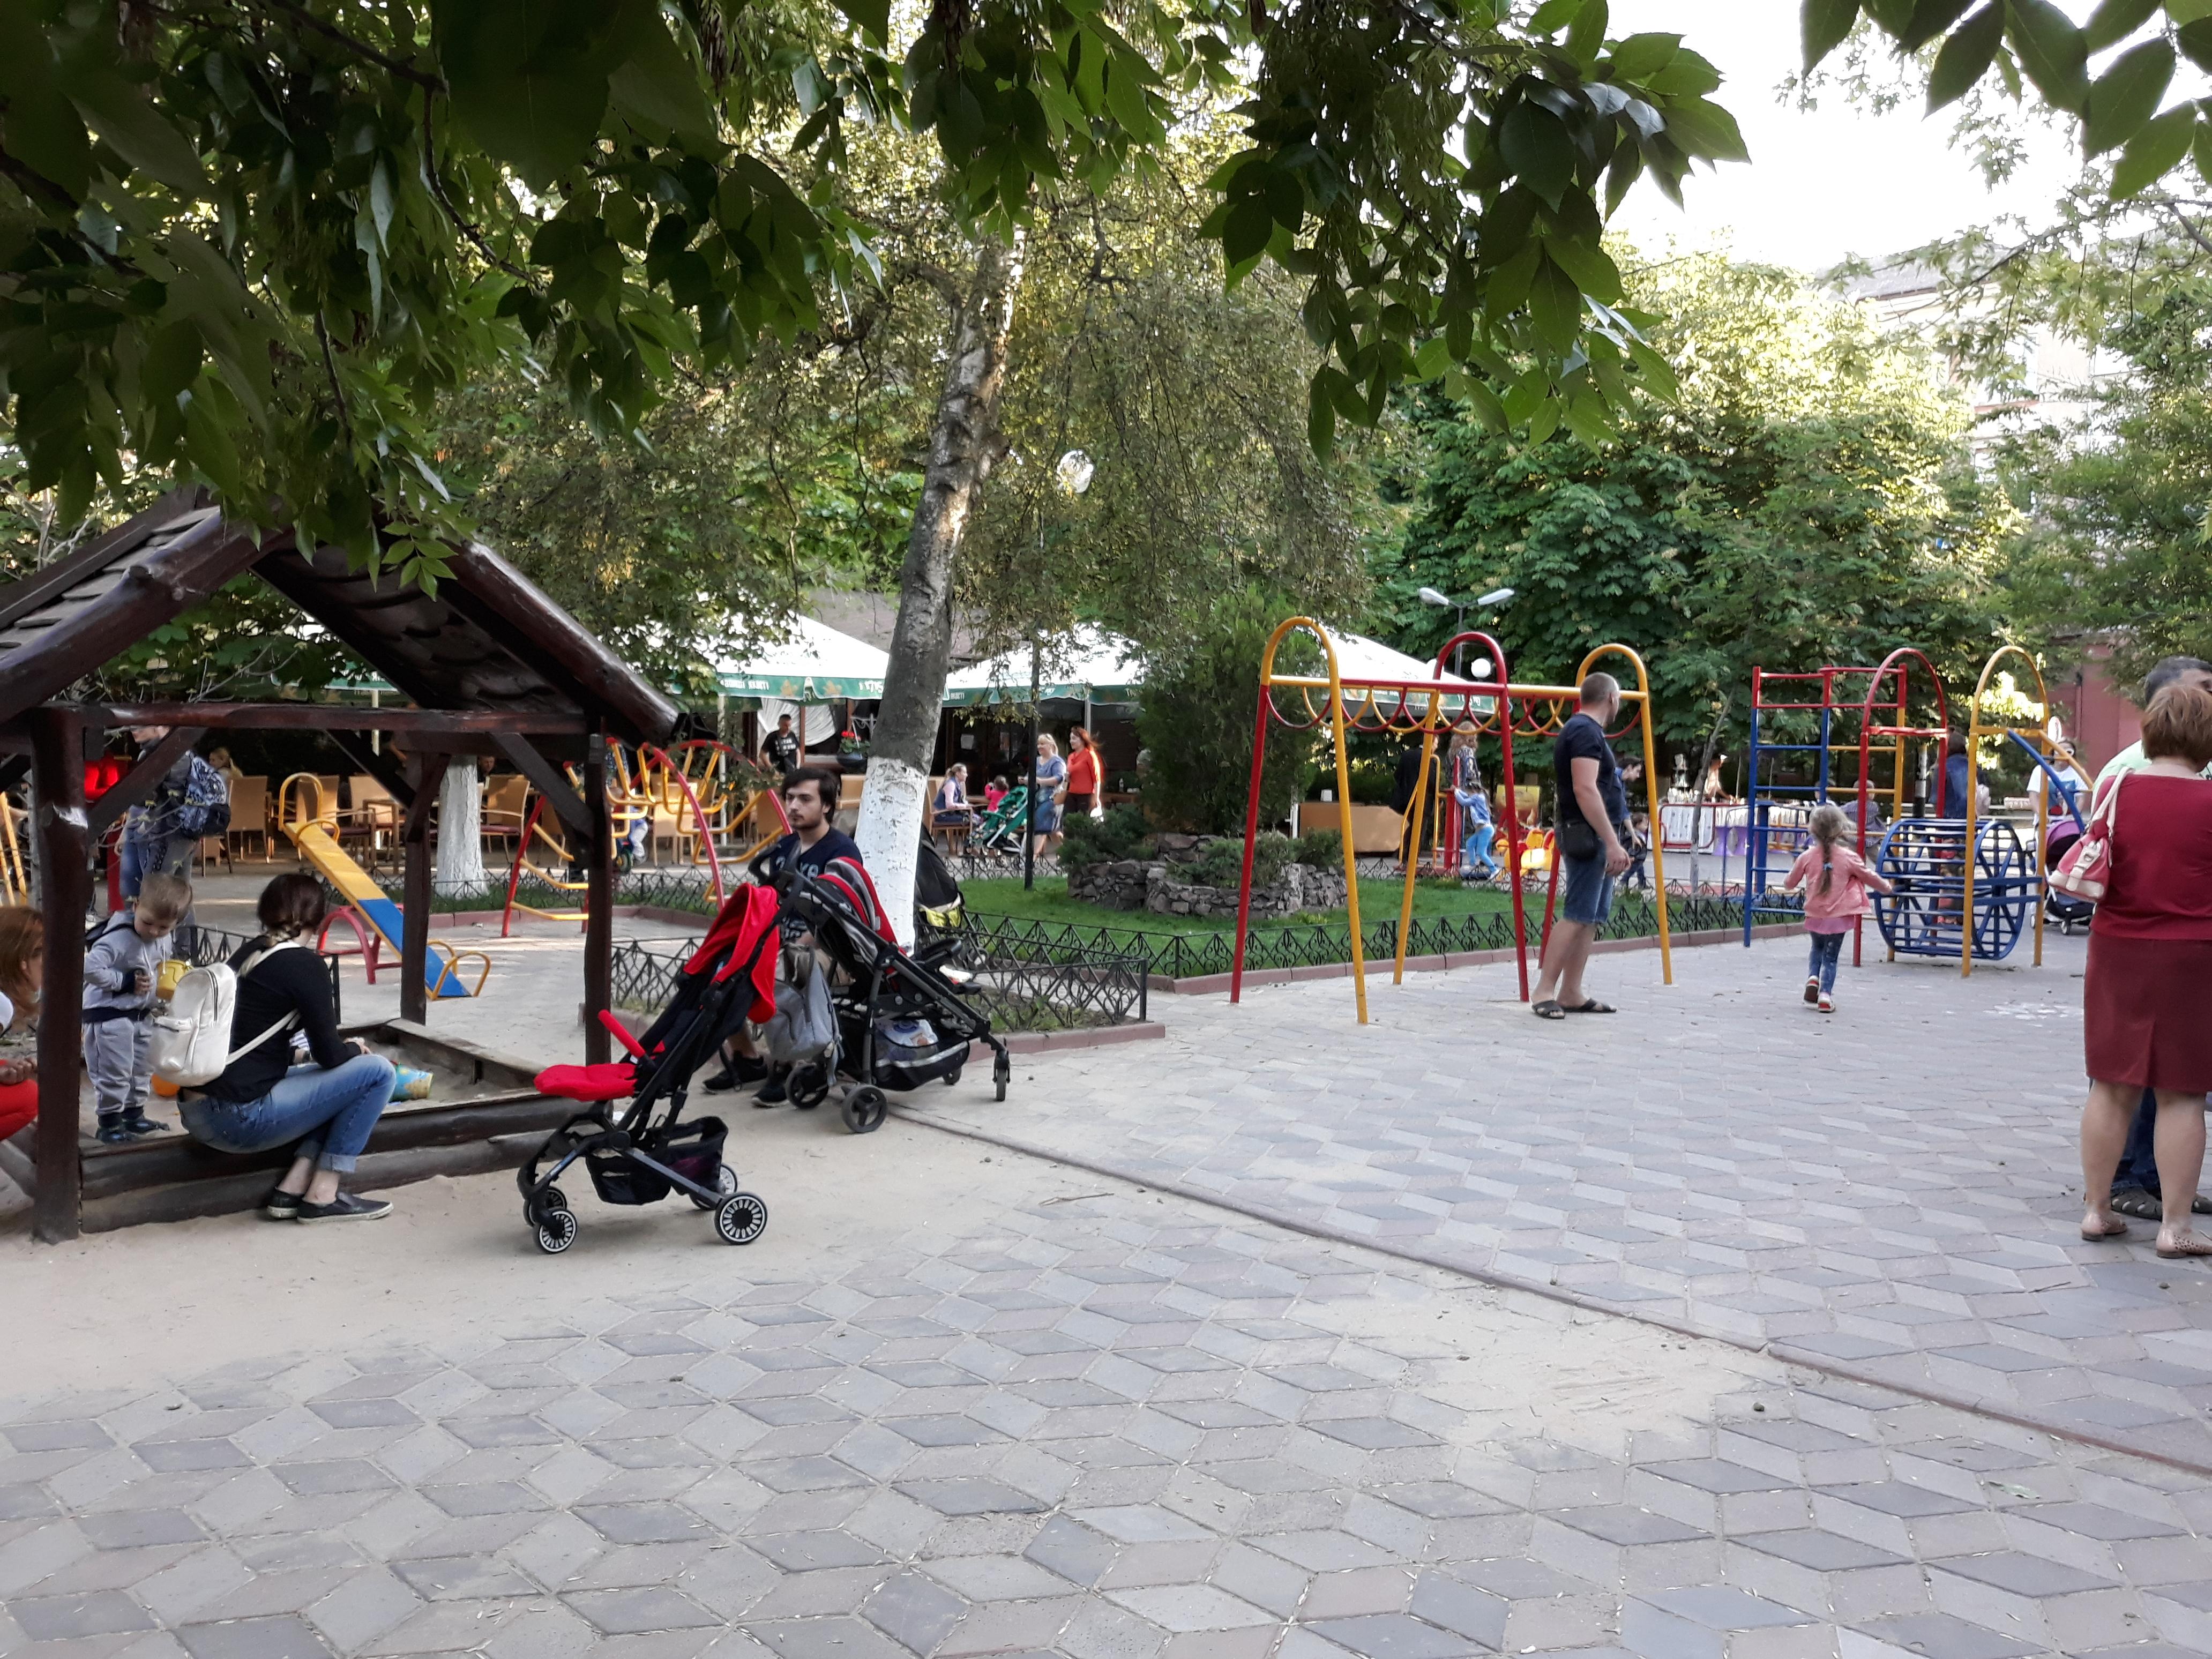 На популярной детской площадке в центре Херсона не все объекты безопасны